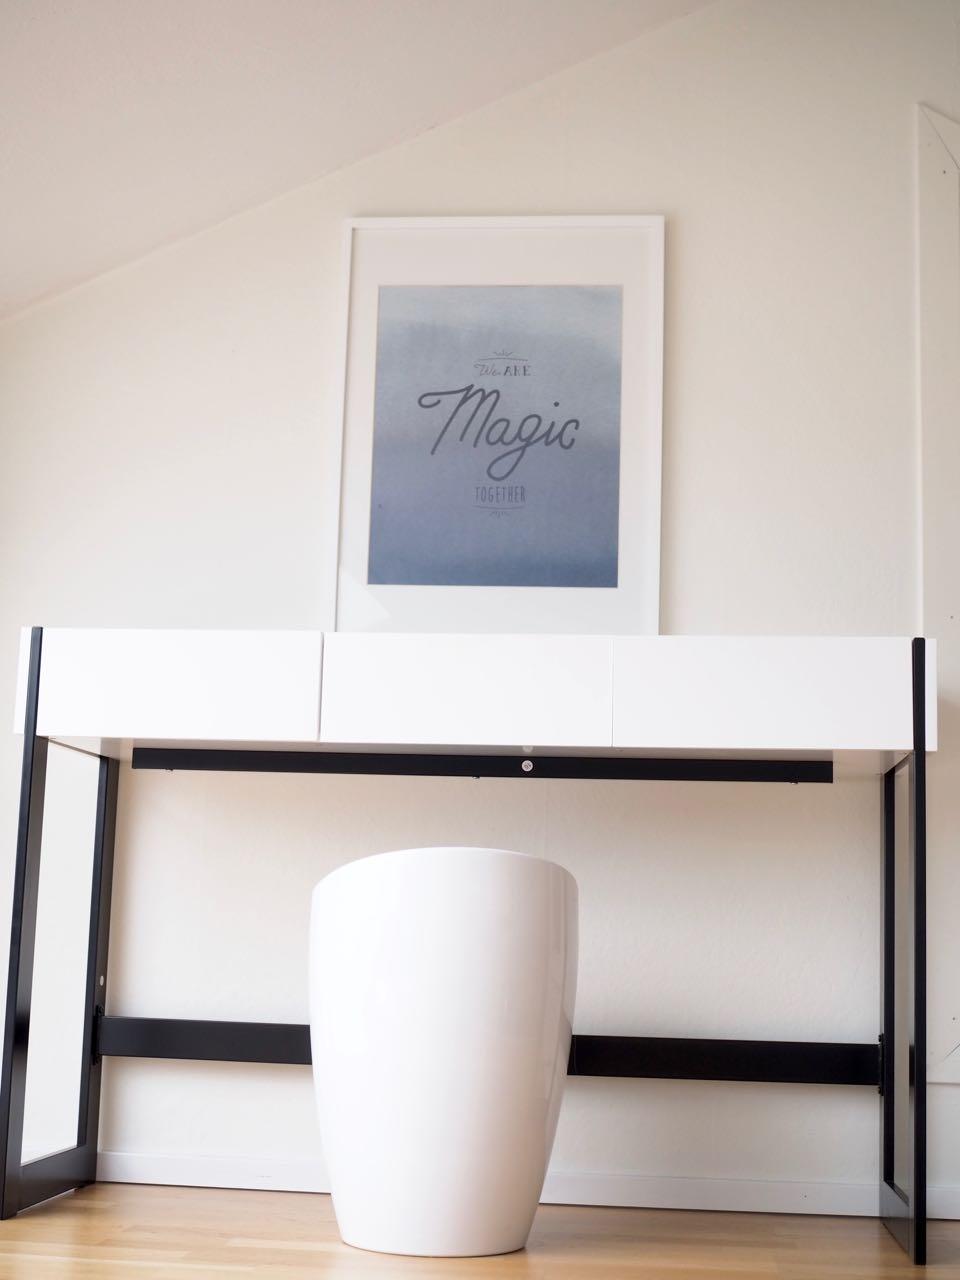 Ostolakossa Virve Fredman minimalismi tavaroiden vähentäminen